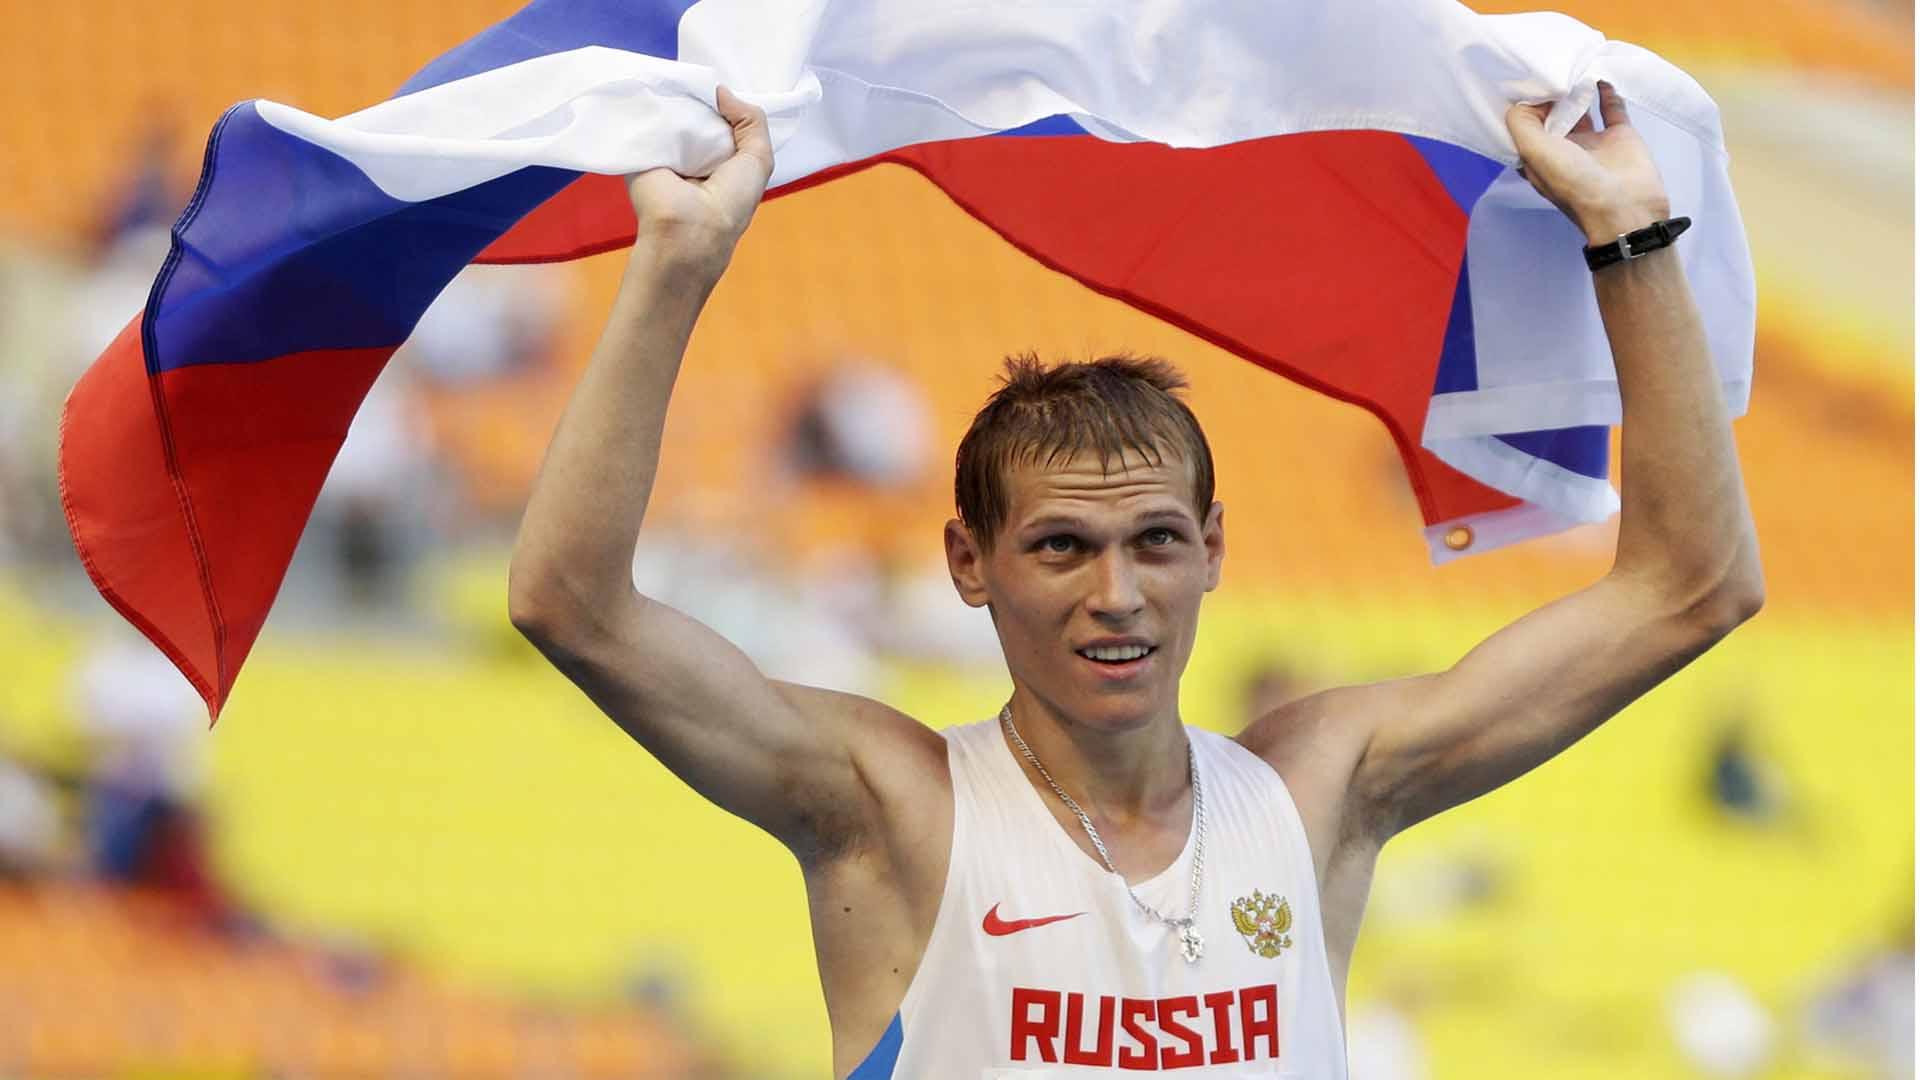 El medallista de plata del Mundial 2013, Mikhail Ryzhov, fue uno de los afectados tras comprobarse el uso de un estimulante sanguíneo